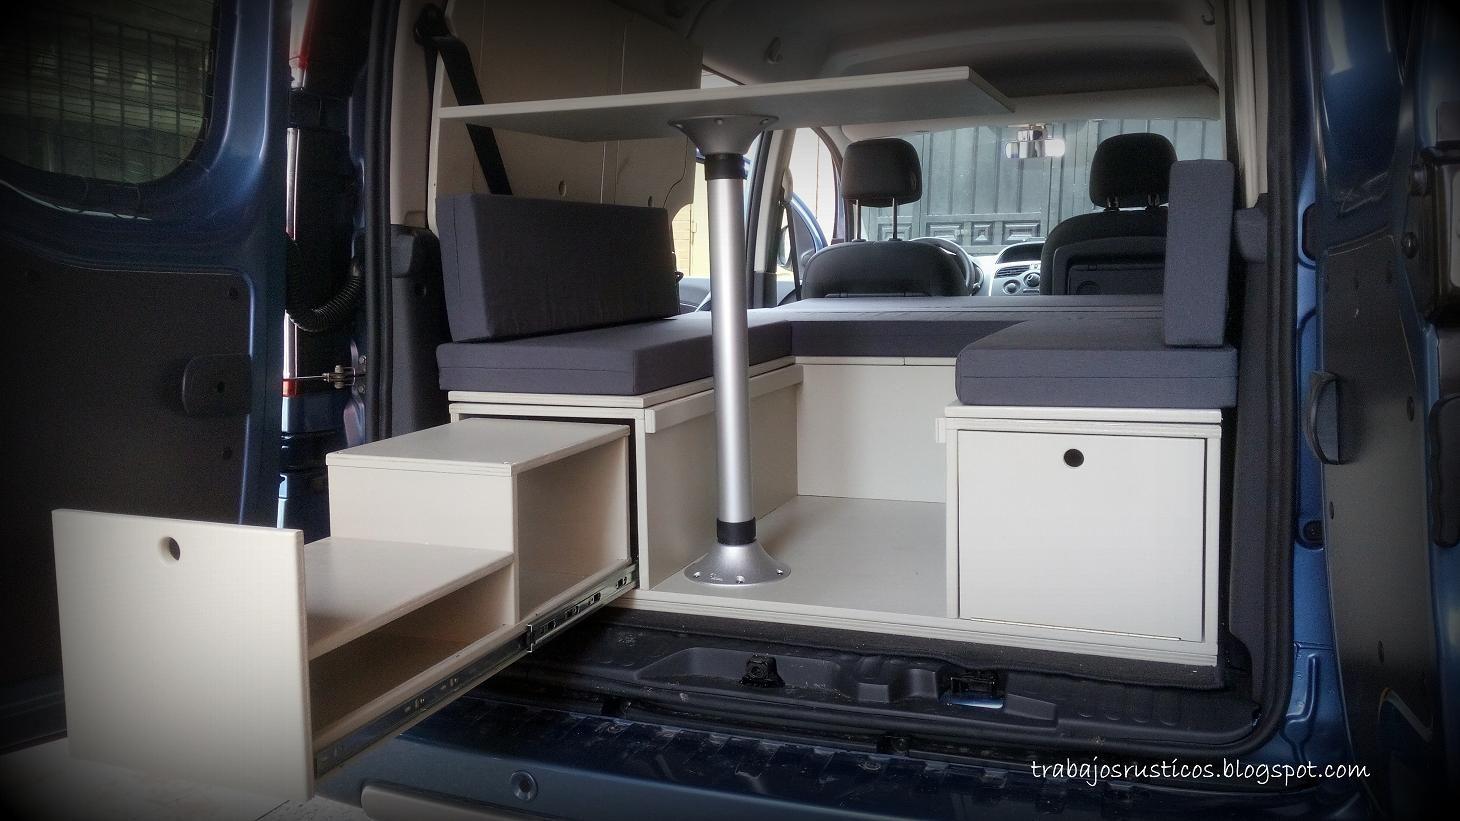 Artesan A Madera Muebles De Madera R Sticos Camperizaciones  # Muebles Westfalia